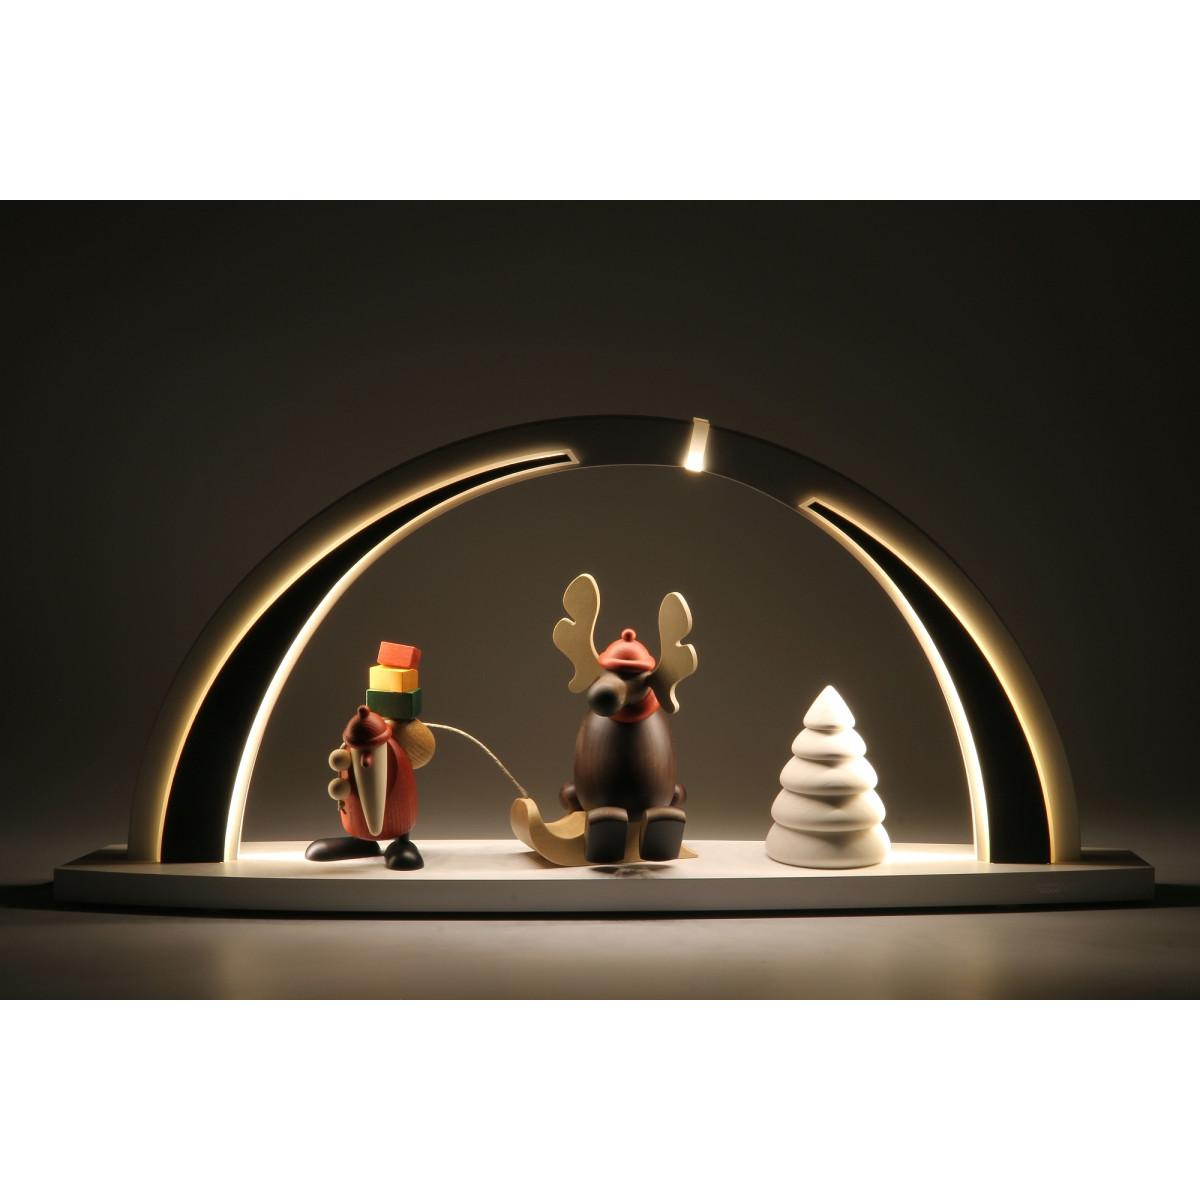 led schwibbogen wei schwarz mit bj rn k hler motiv gro erzgebirgskunst drechsel. Black Bedroom Furniture Sets. Home Design Ideas